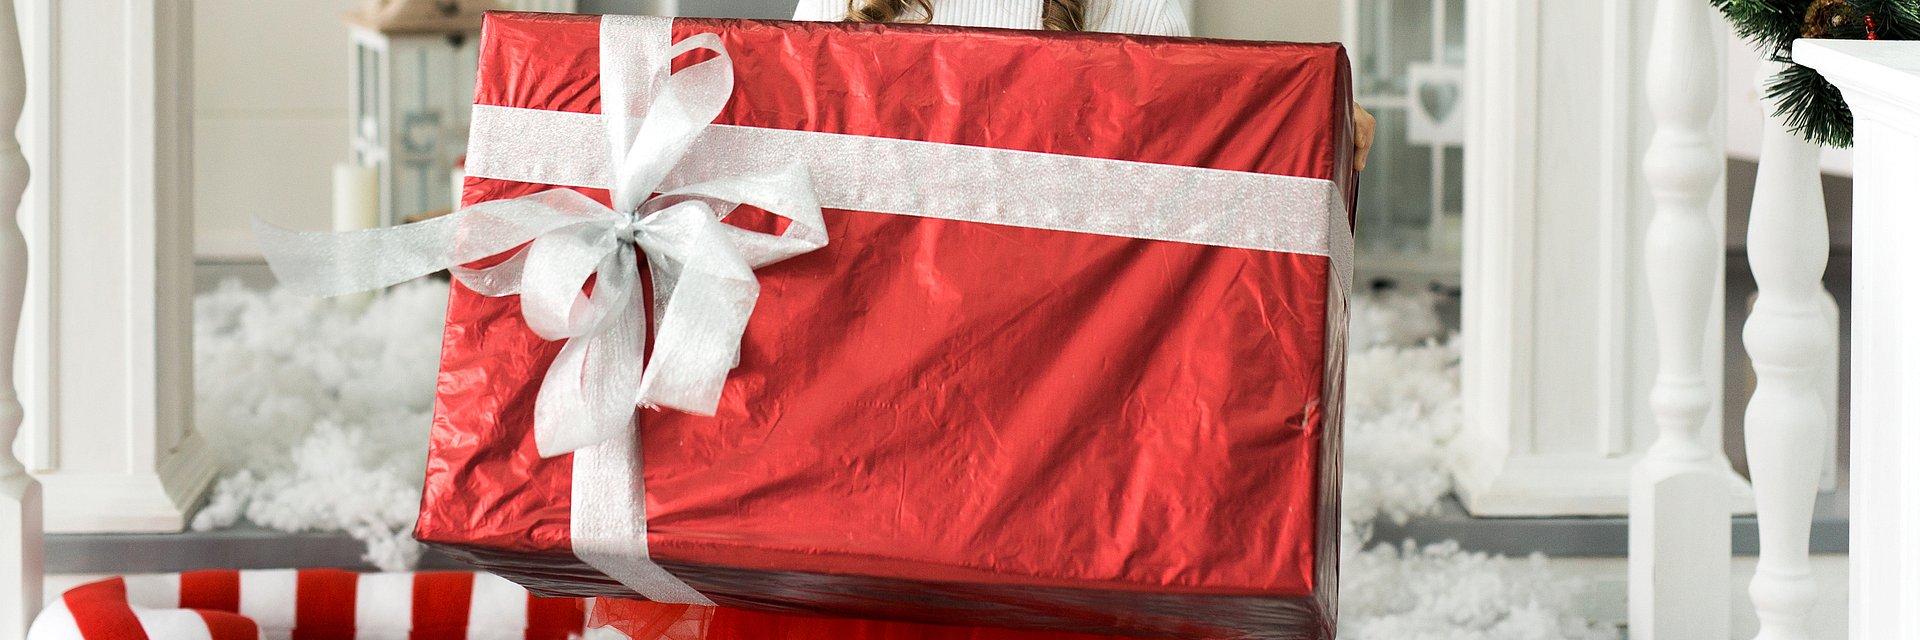 Pracownicy wcześniej czekają na Mikołaja – mile widziany jest prezent (przed)świąteczny